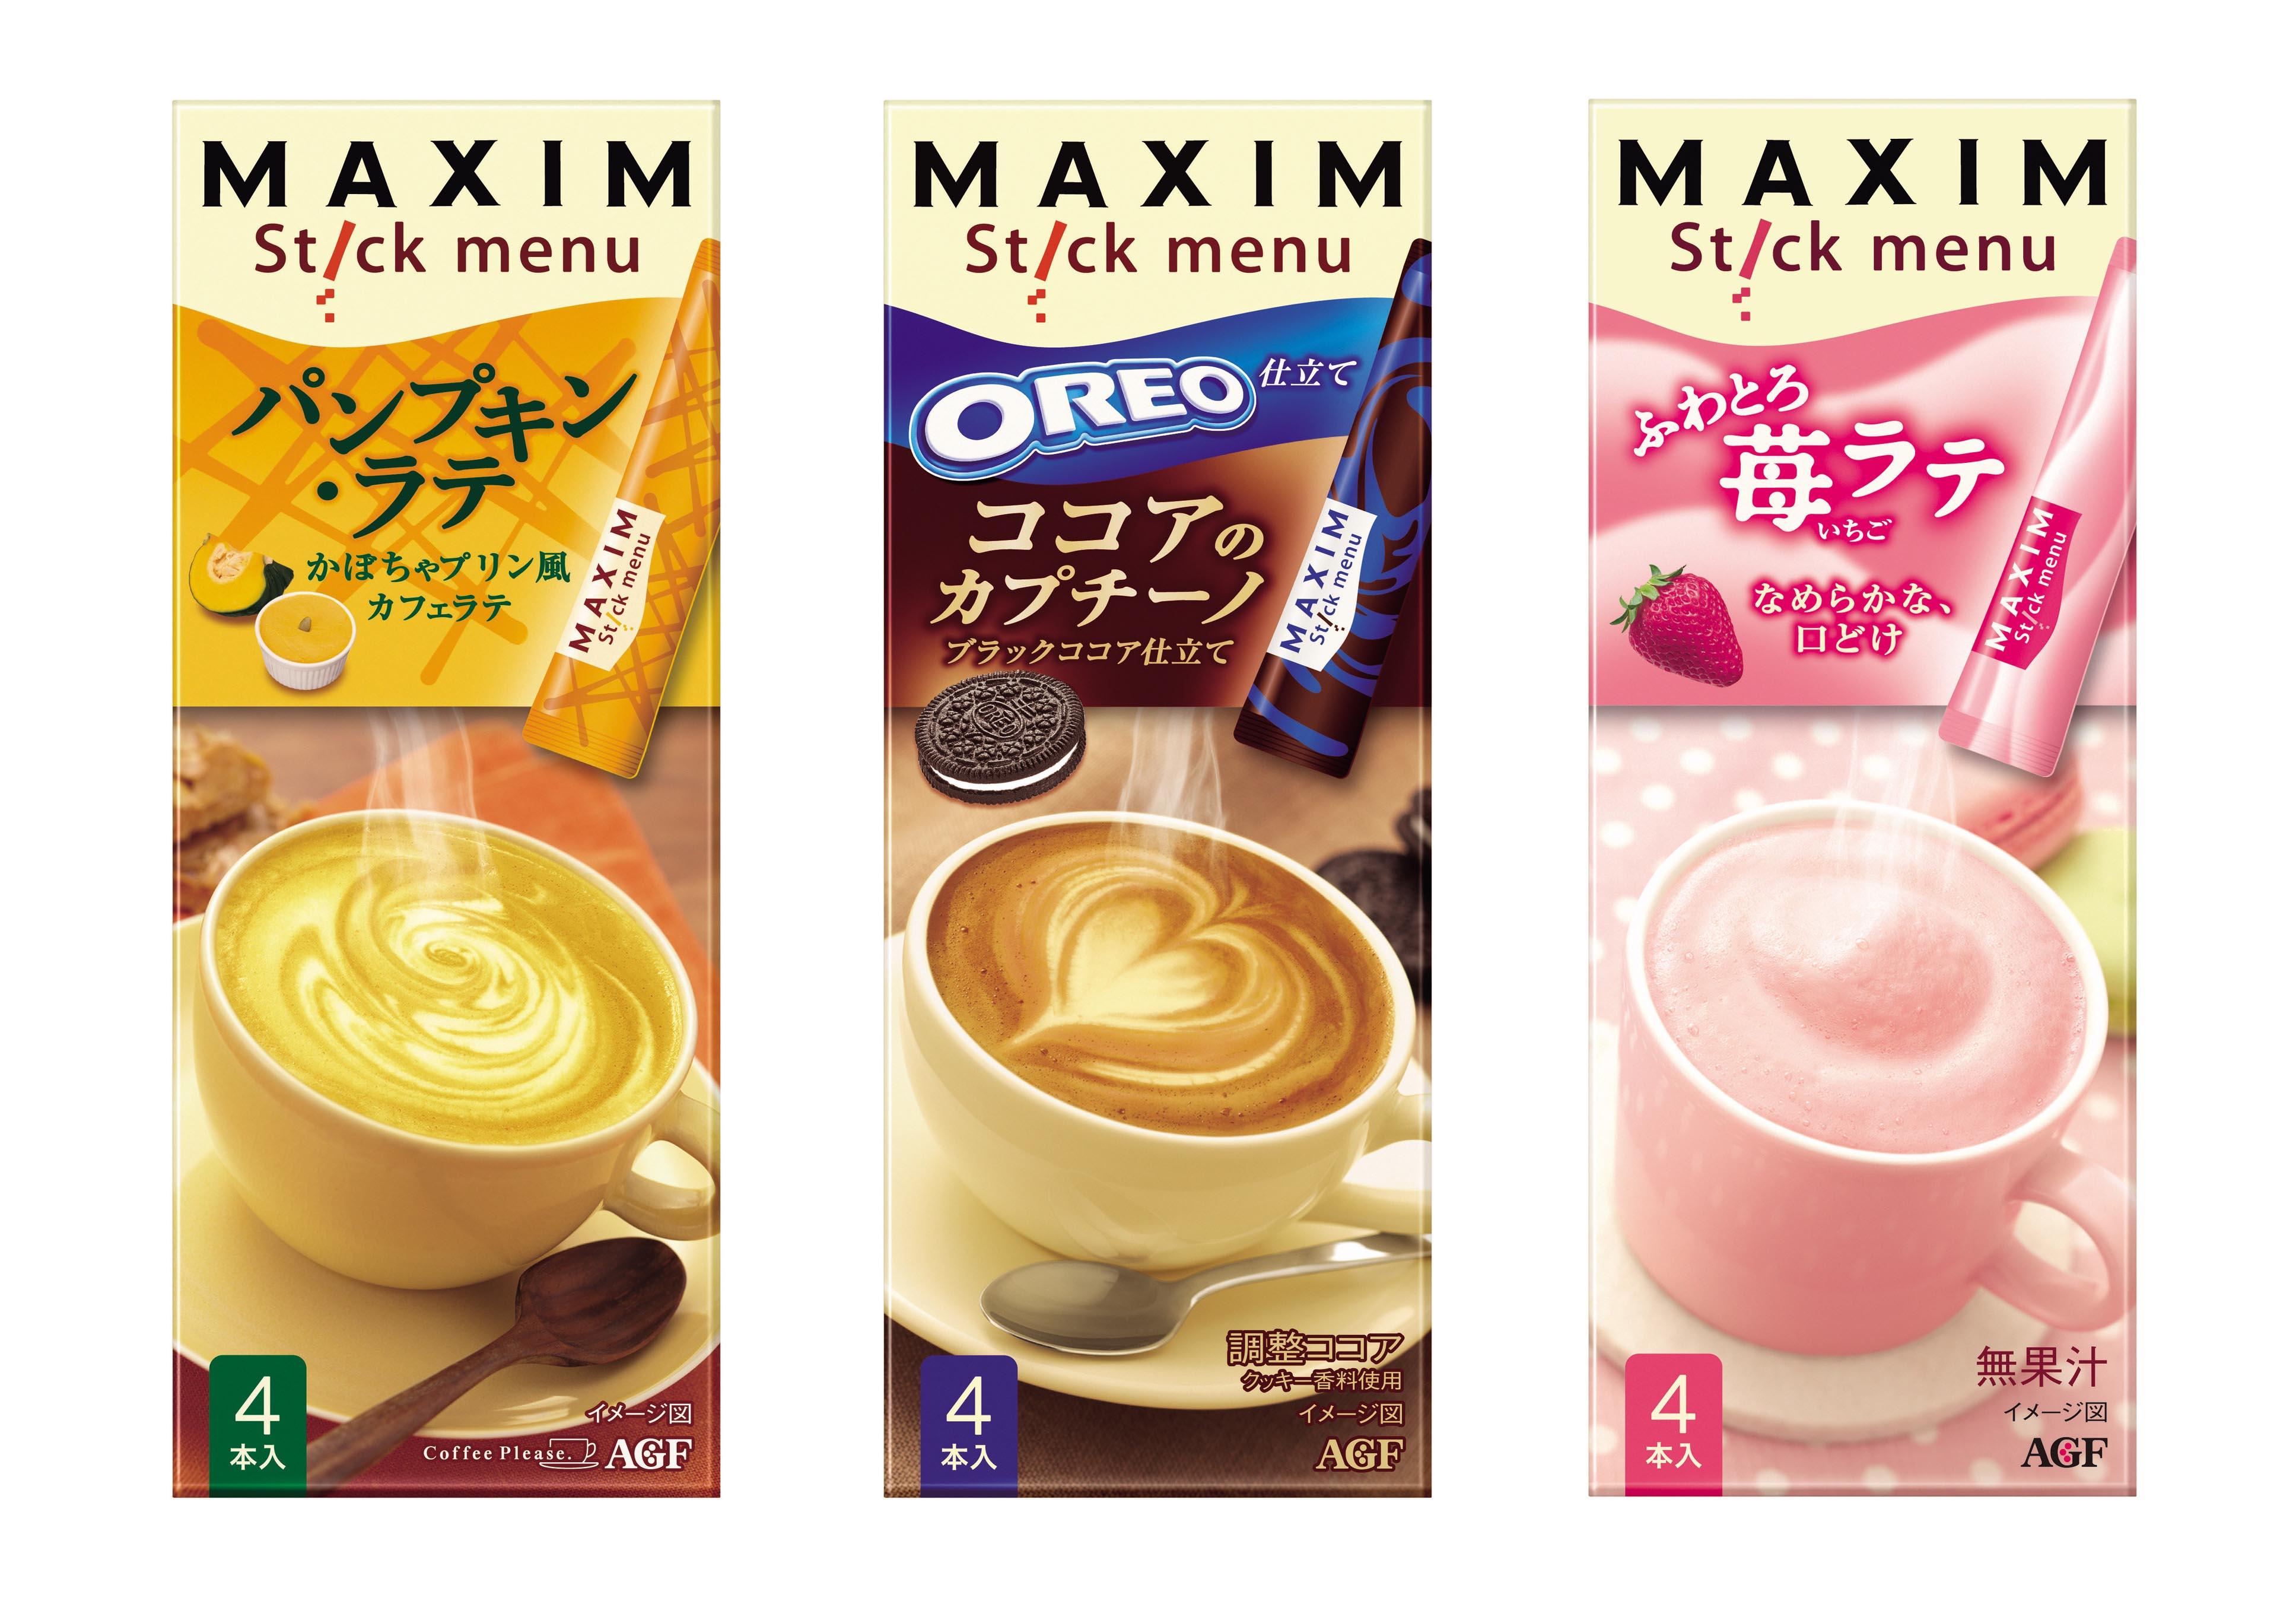 マキシム・ボシス - Maxime Bossis - JapaneseClass.jp